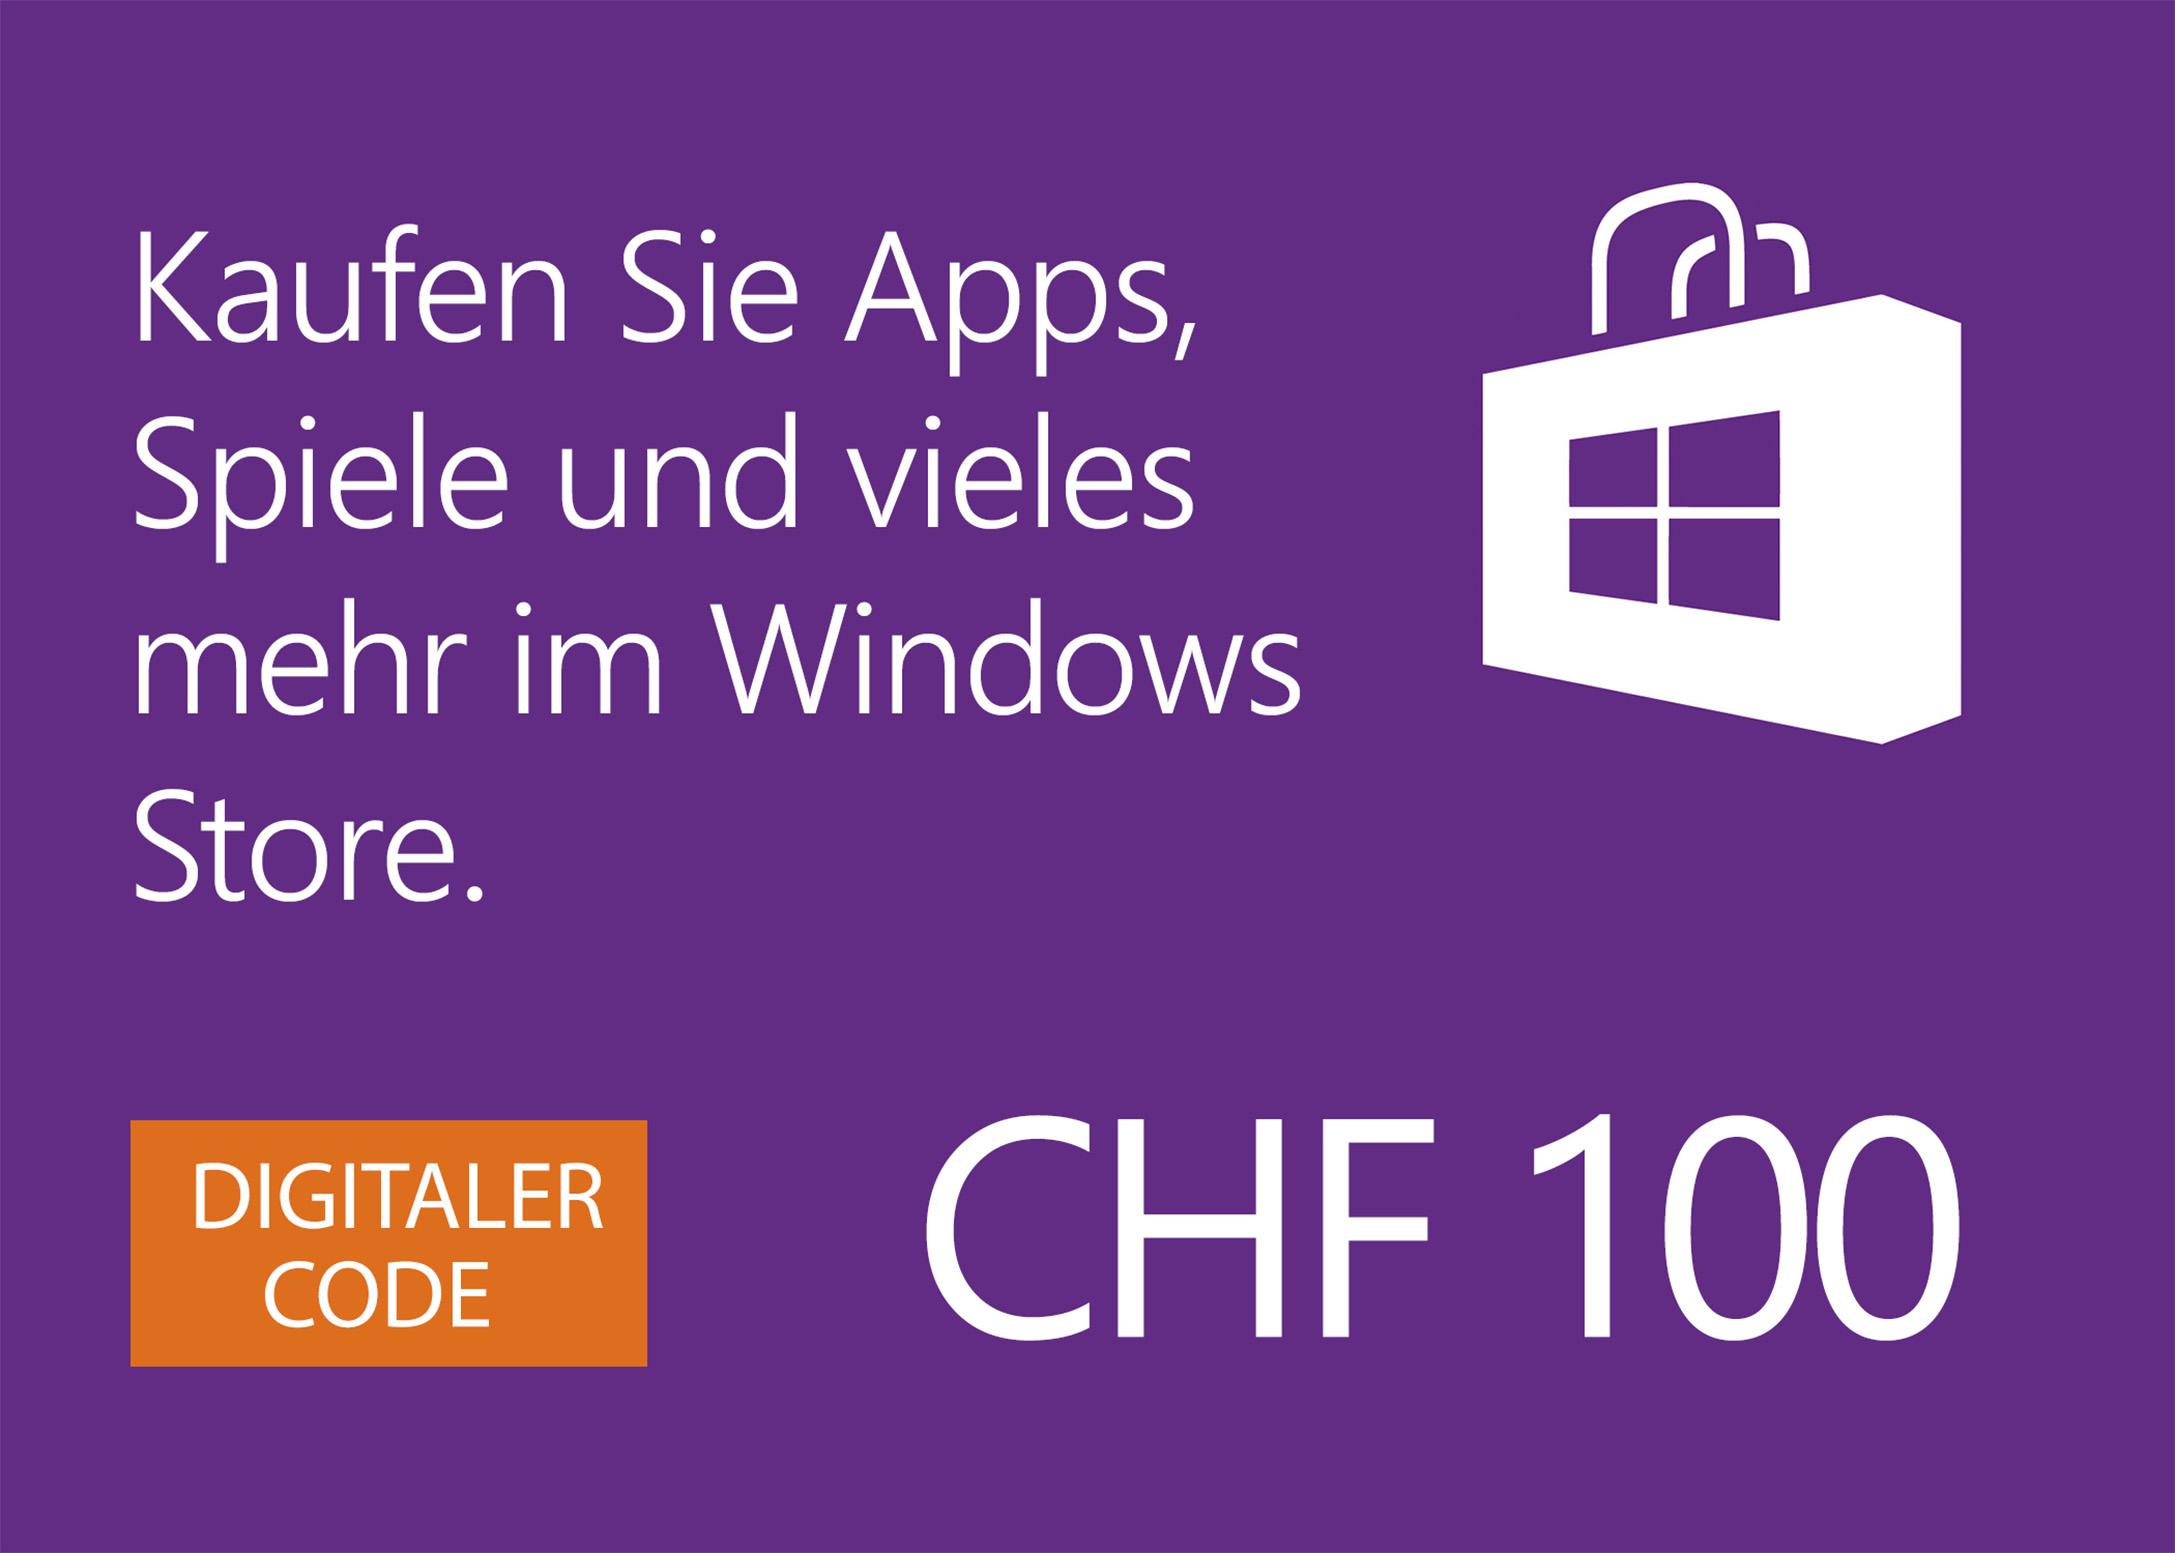 Windows Store digitale Geschenkkarte: CHF 100.00